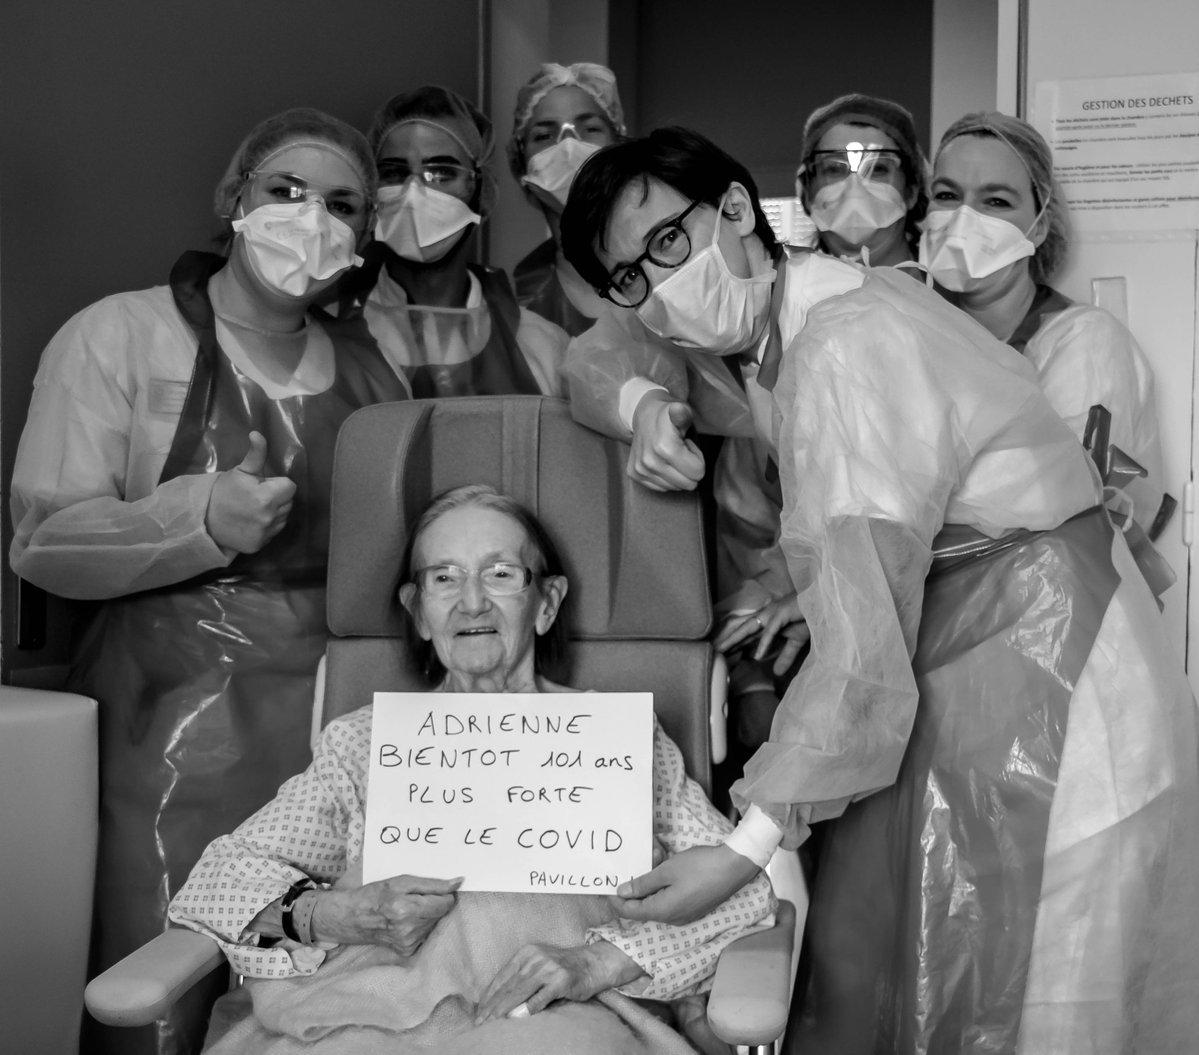 Adrienne, entourée par des membres du personnel de l'hôpital Edouard Herriot/ Photo: HCL sur Twitter